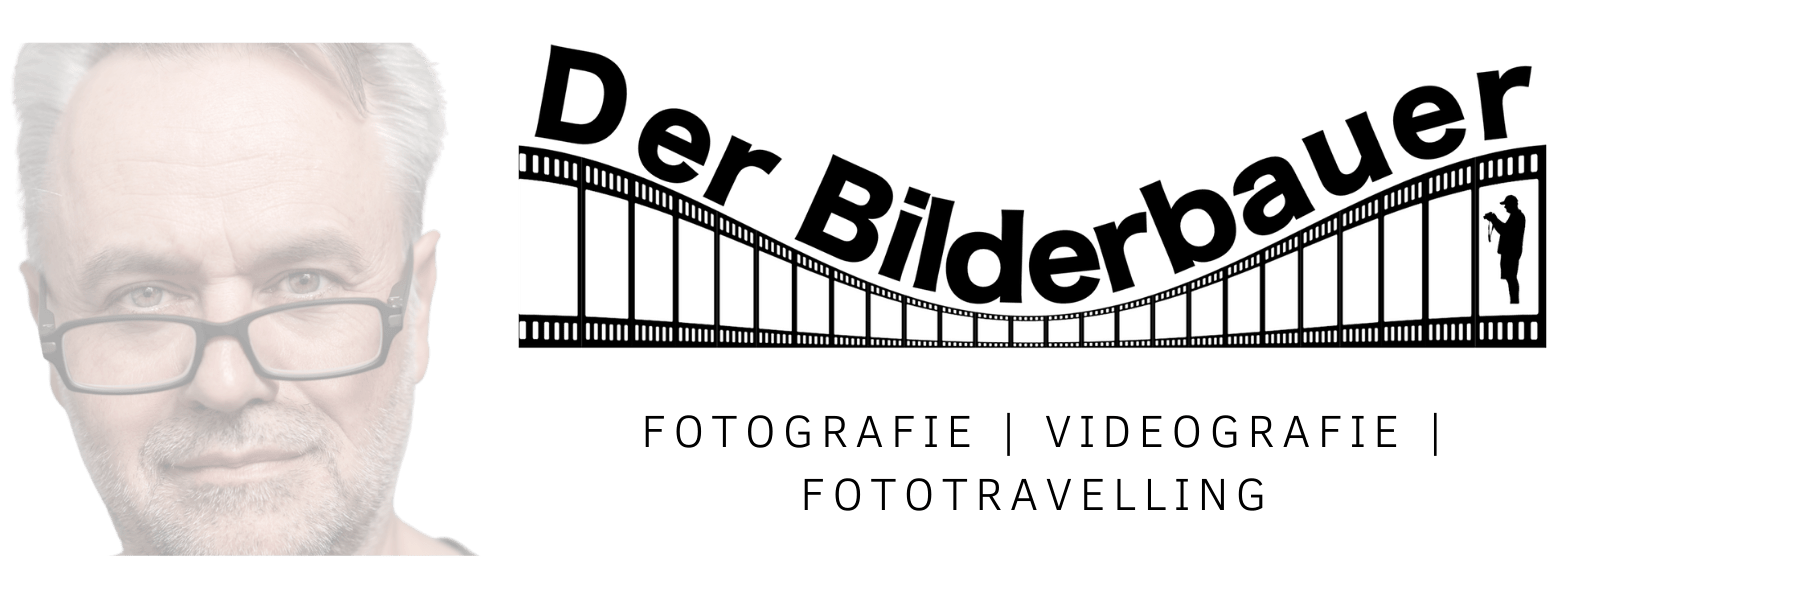 DerBilderbauer